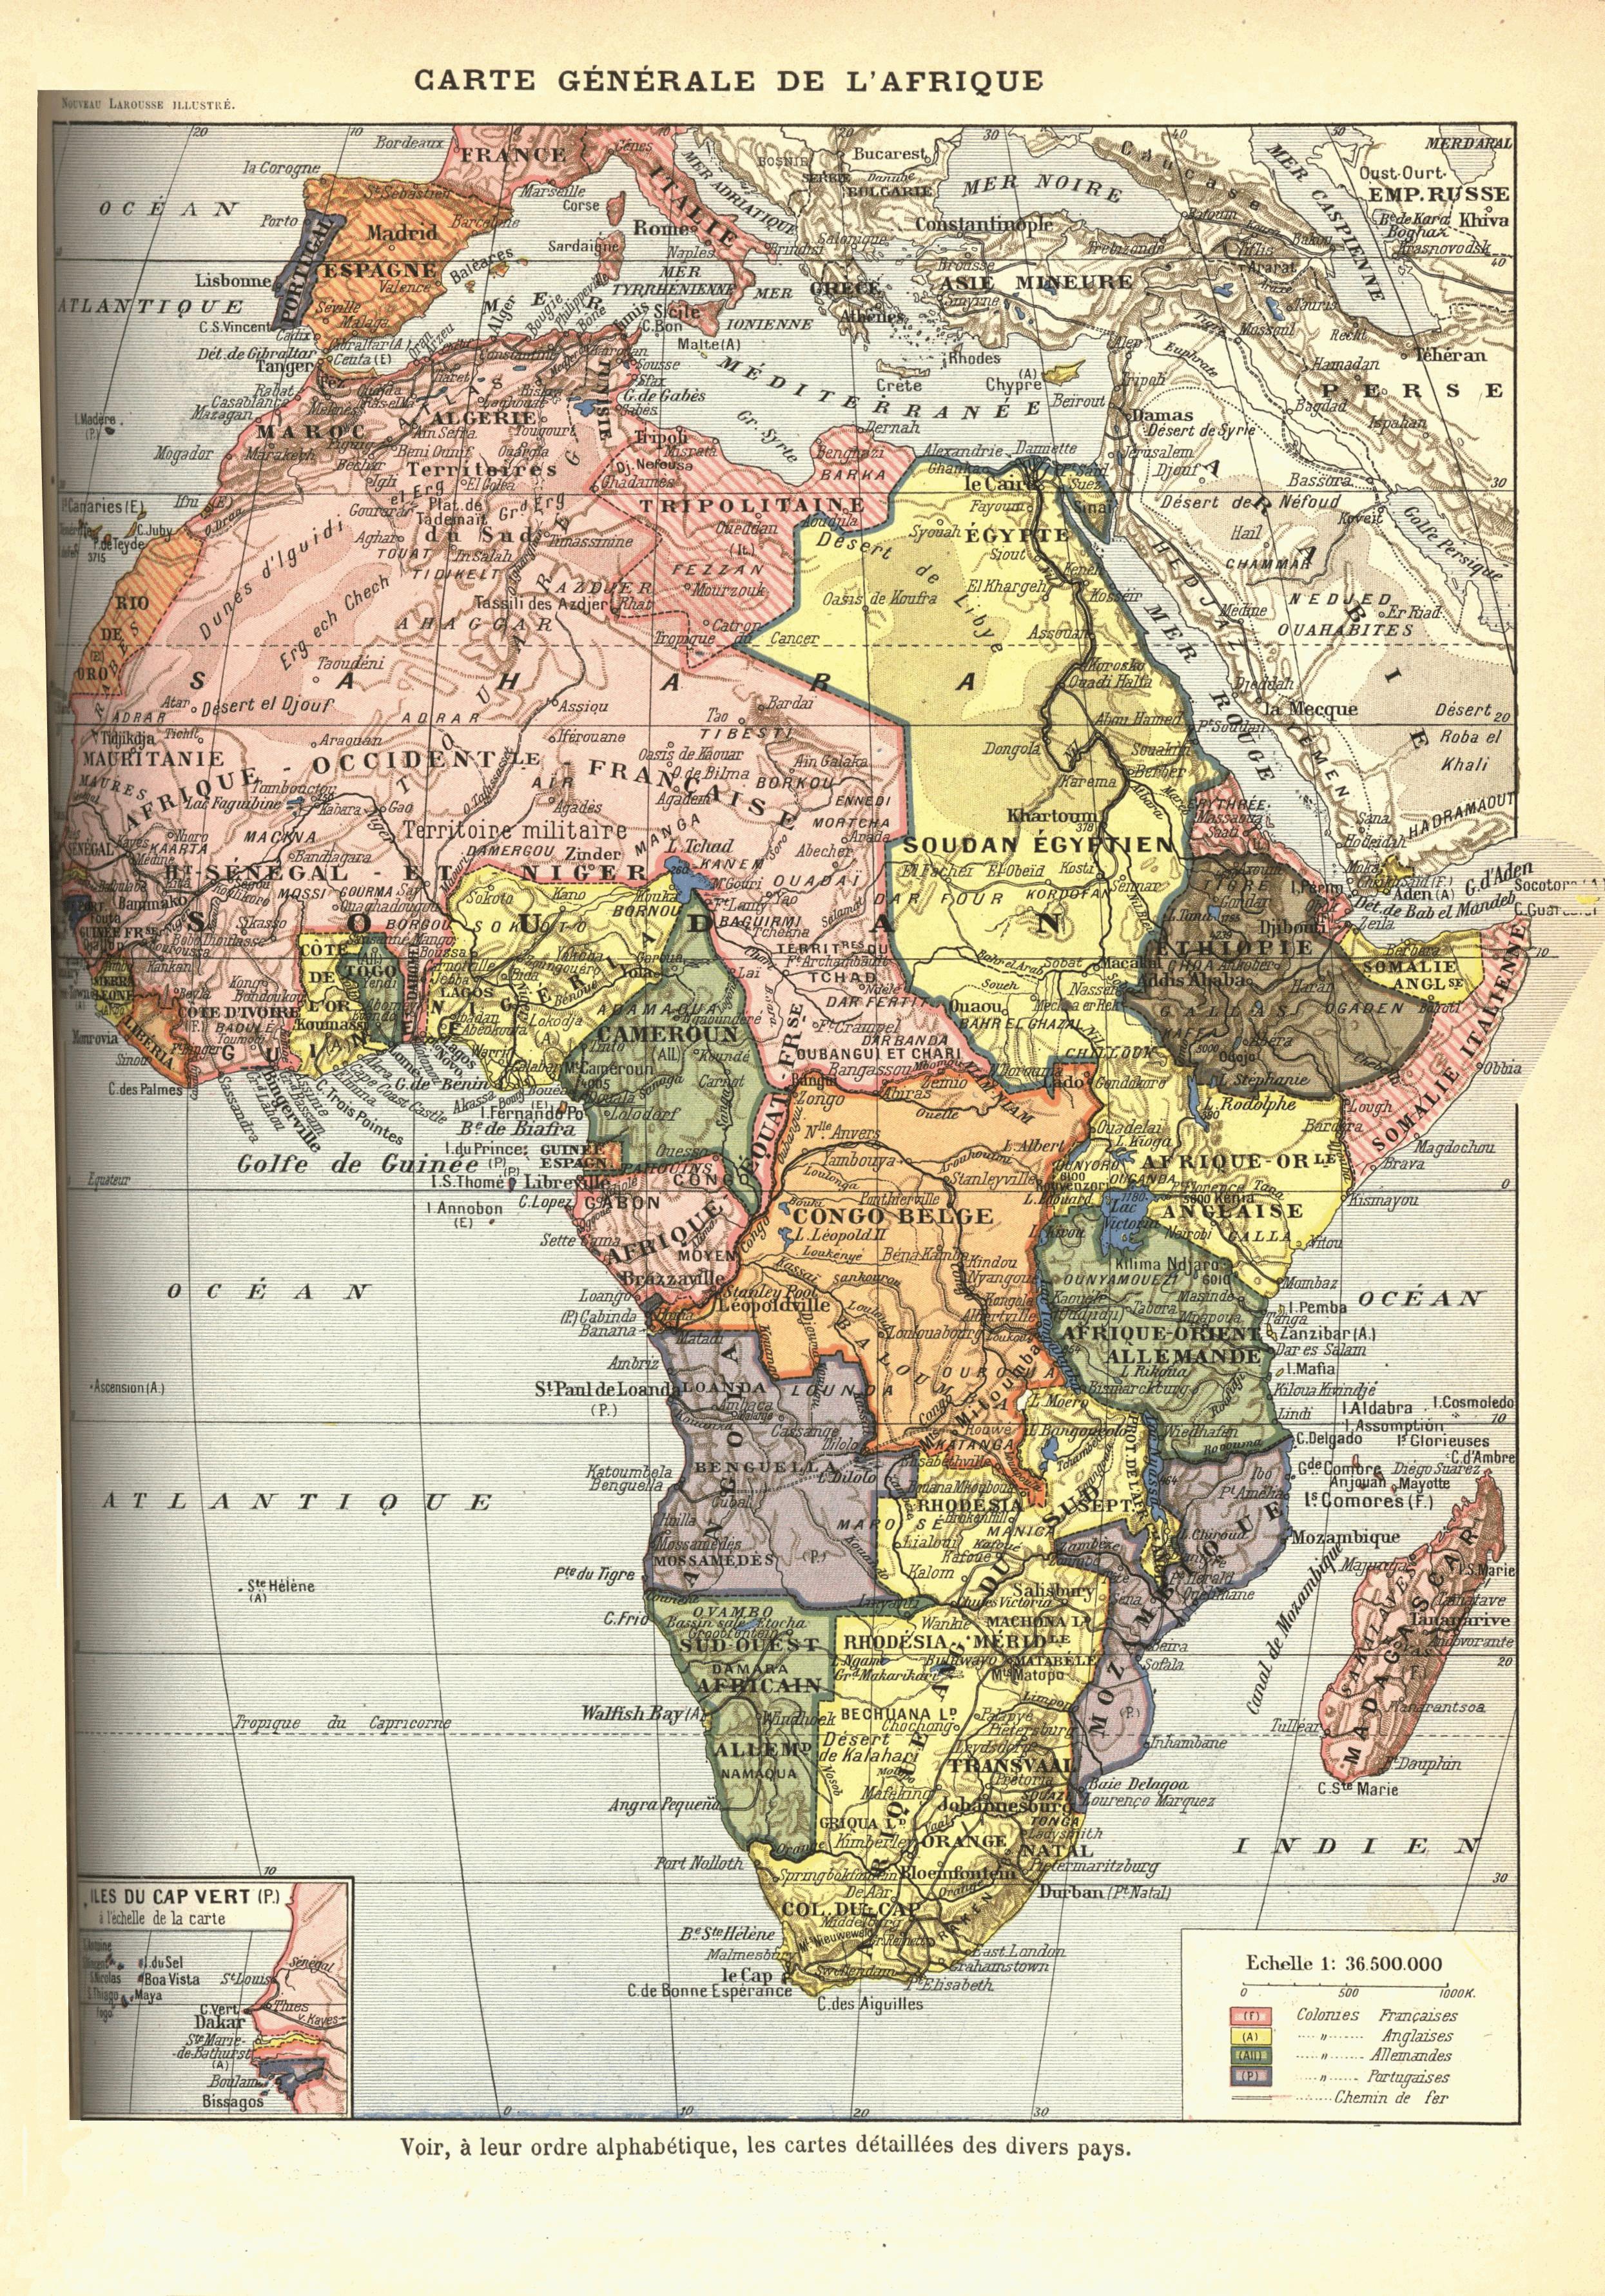 Partage de l'Afrique en 1898